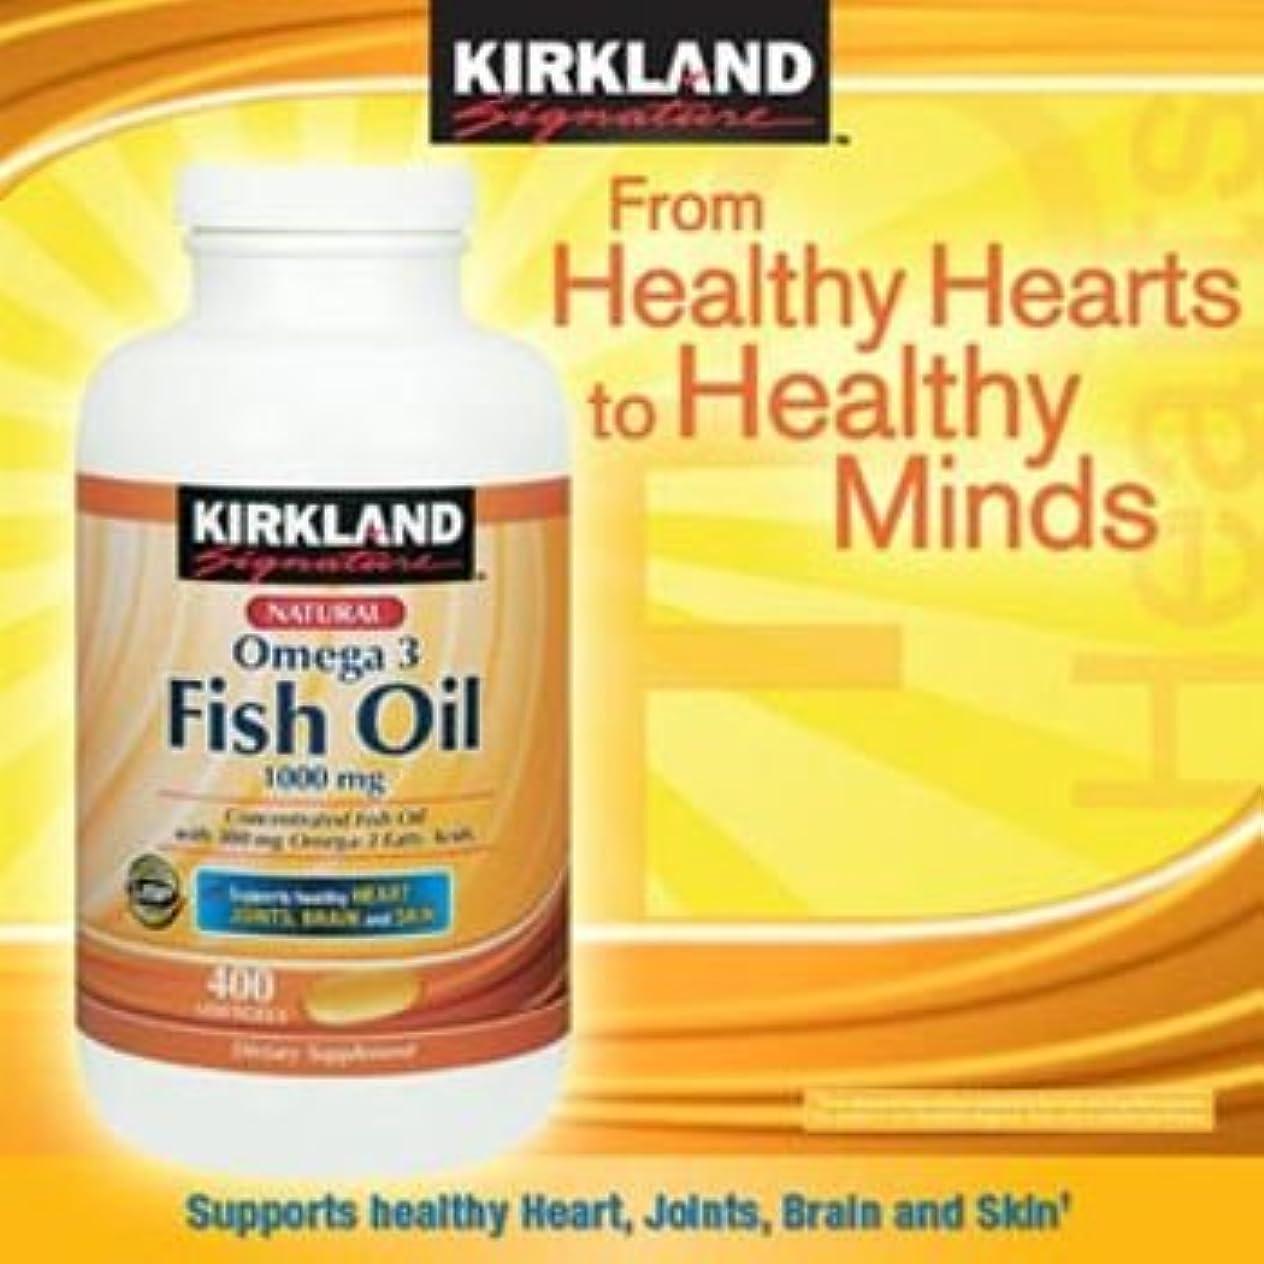 人気の政策十代の若者たちKIRKLAND社 フィッシュオイル (DHA+EPA) オメガ3 1000mg 400ソフトカプセル 3本 [並行輸入品] [海外直送品] 3 Bottles of KIRKLAND's Fish Oil (DHA + EPA) omega-3 1000mg 400 soft capsules [parallel import goods] [overseas direct shipment product]